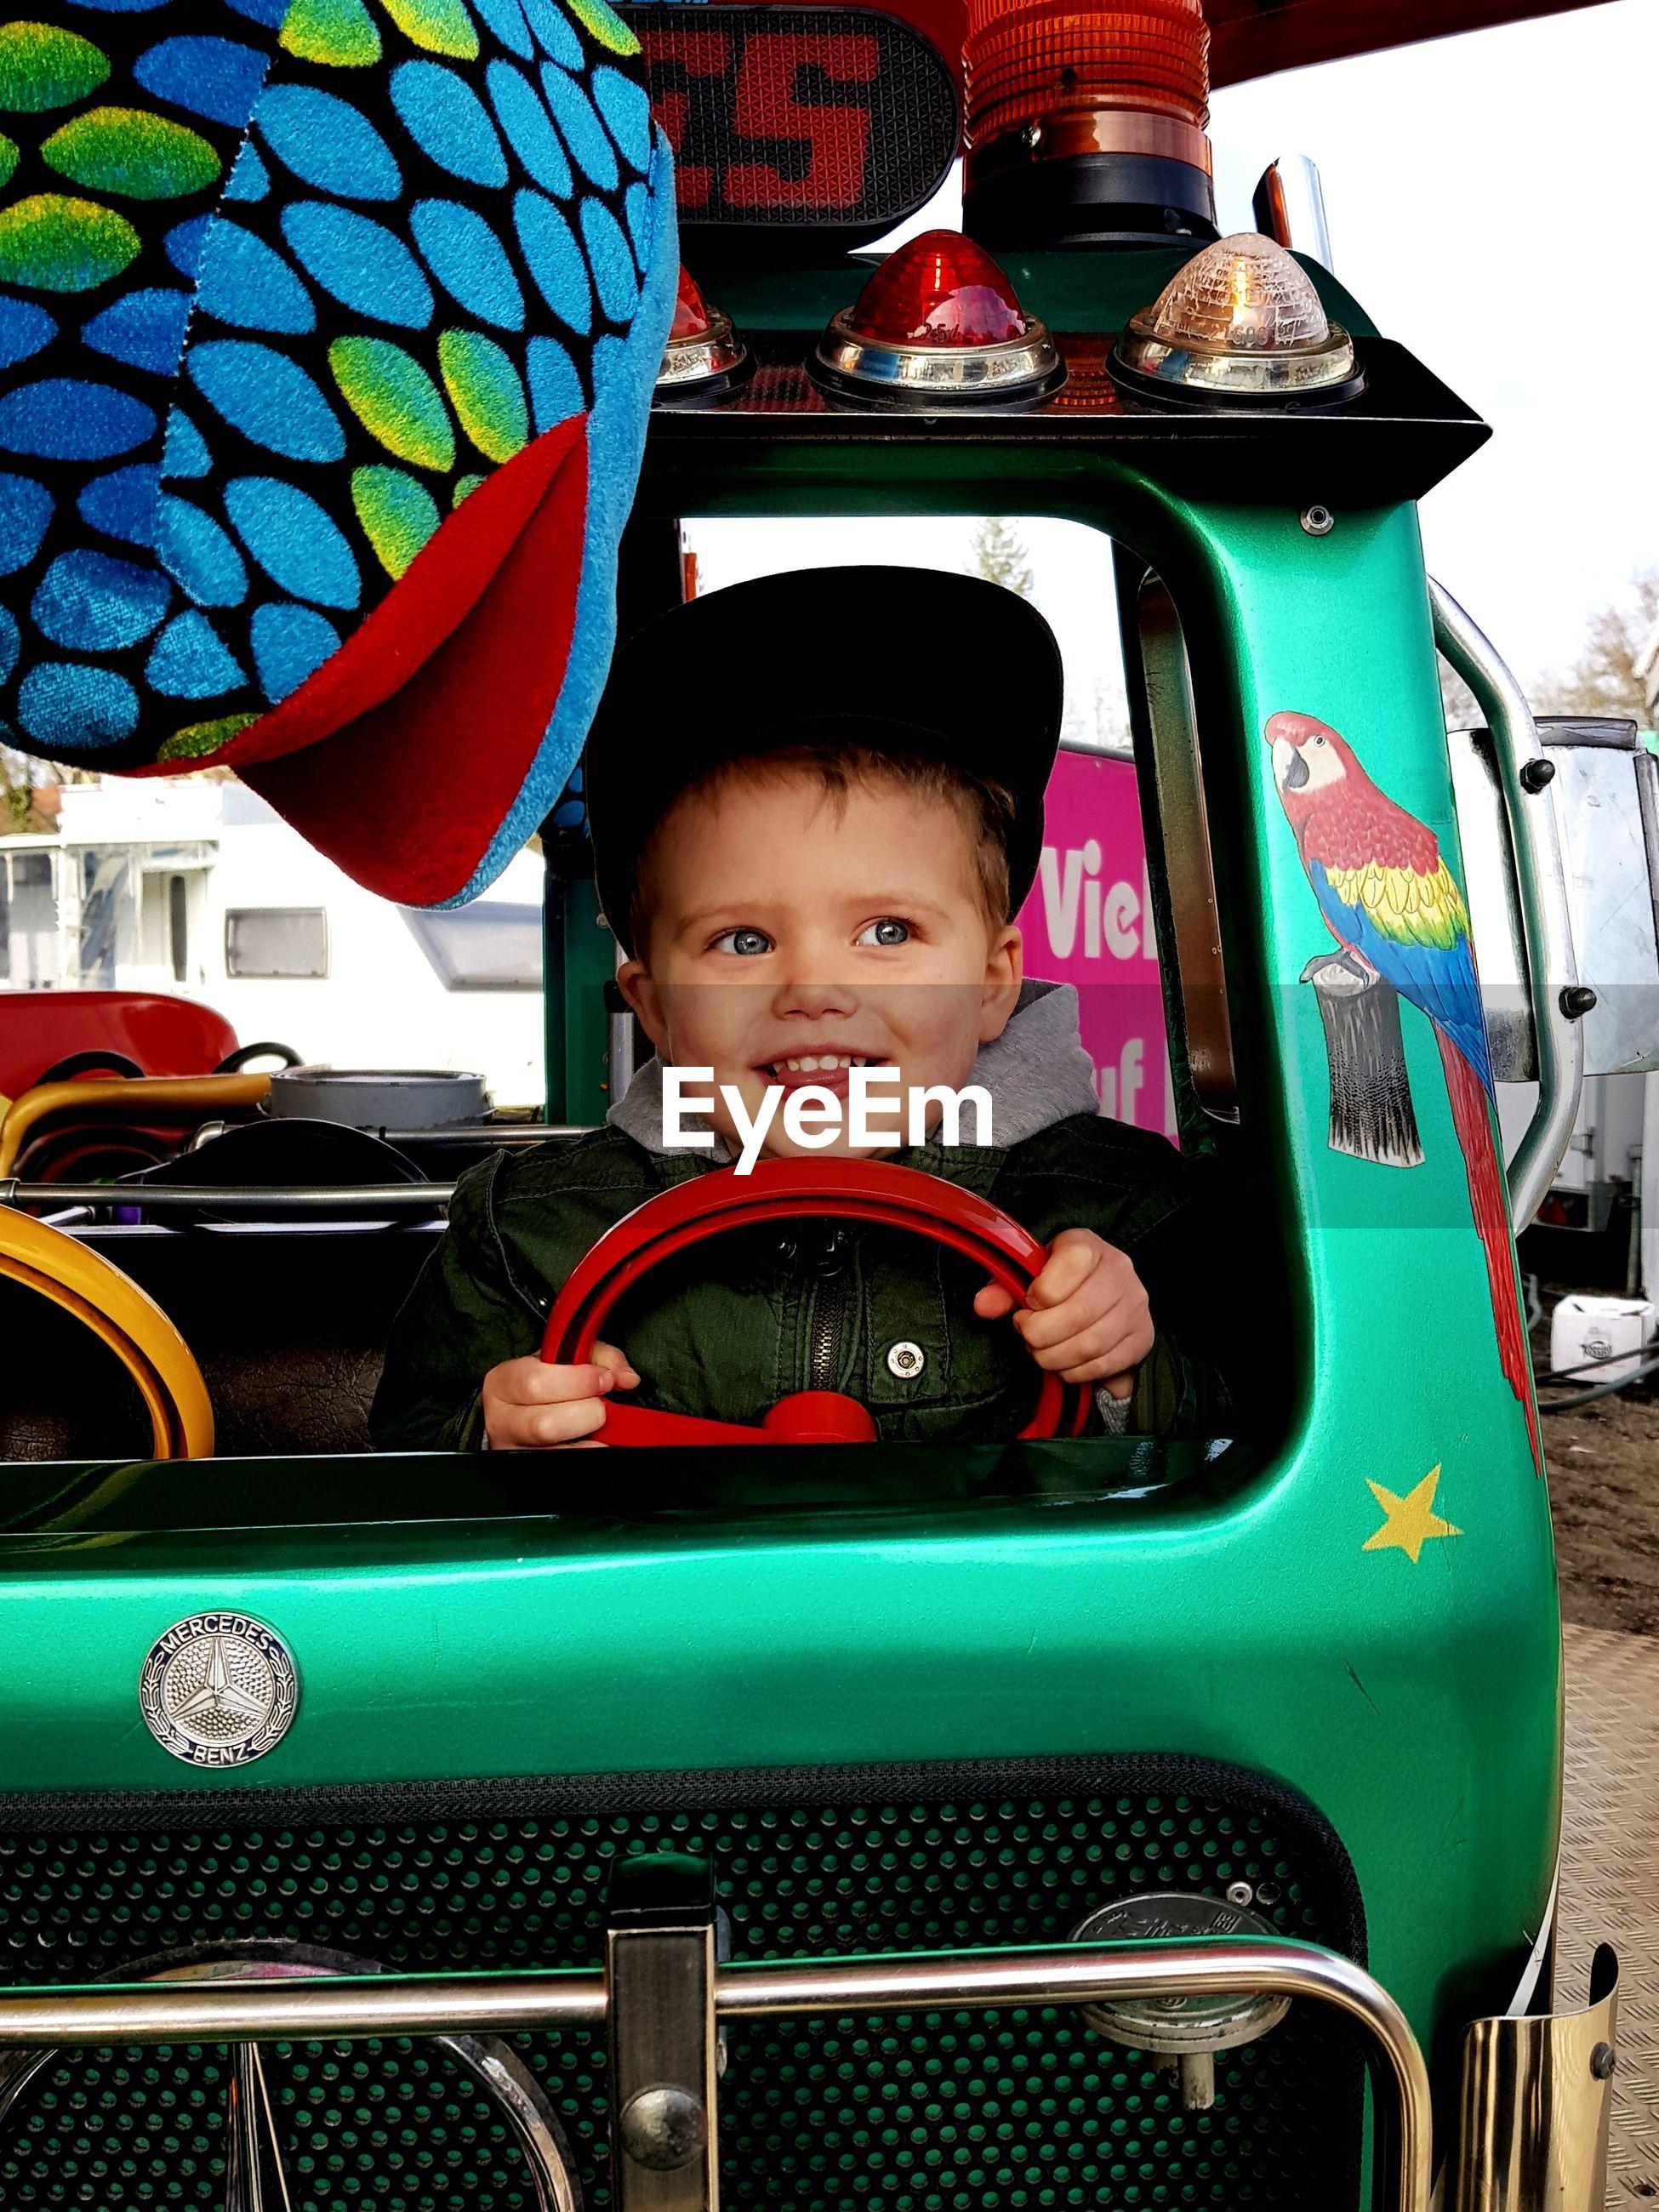 Cheerful boy riding toy car on footpath